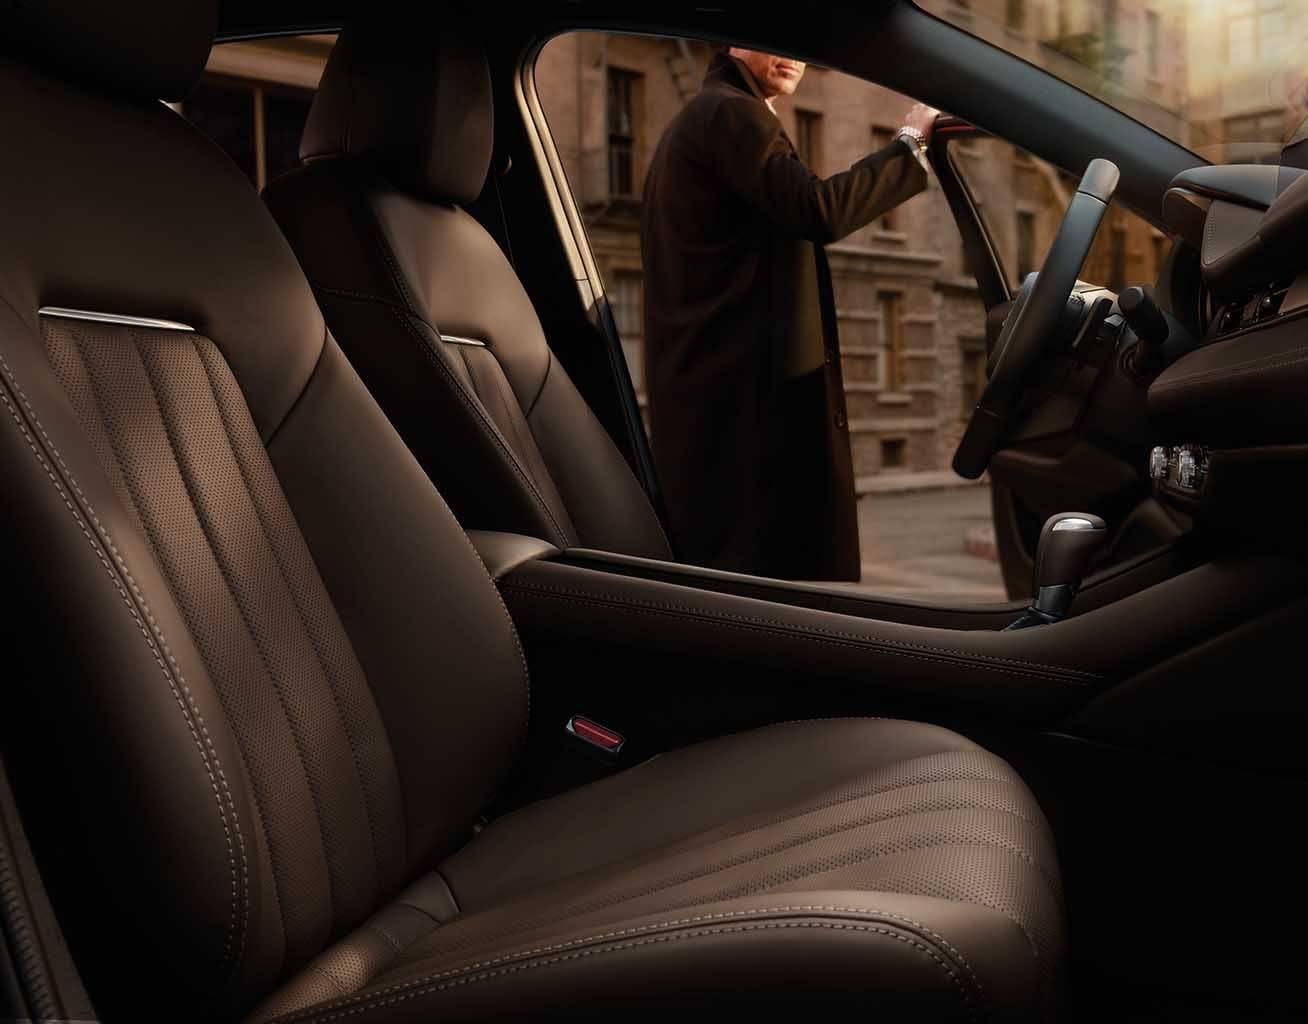 2018 Mazda6, HUMAN CENTRICITY